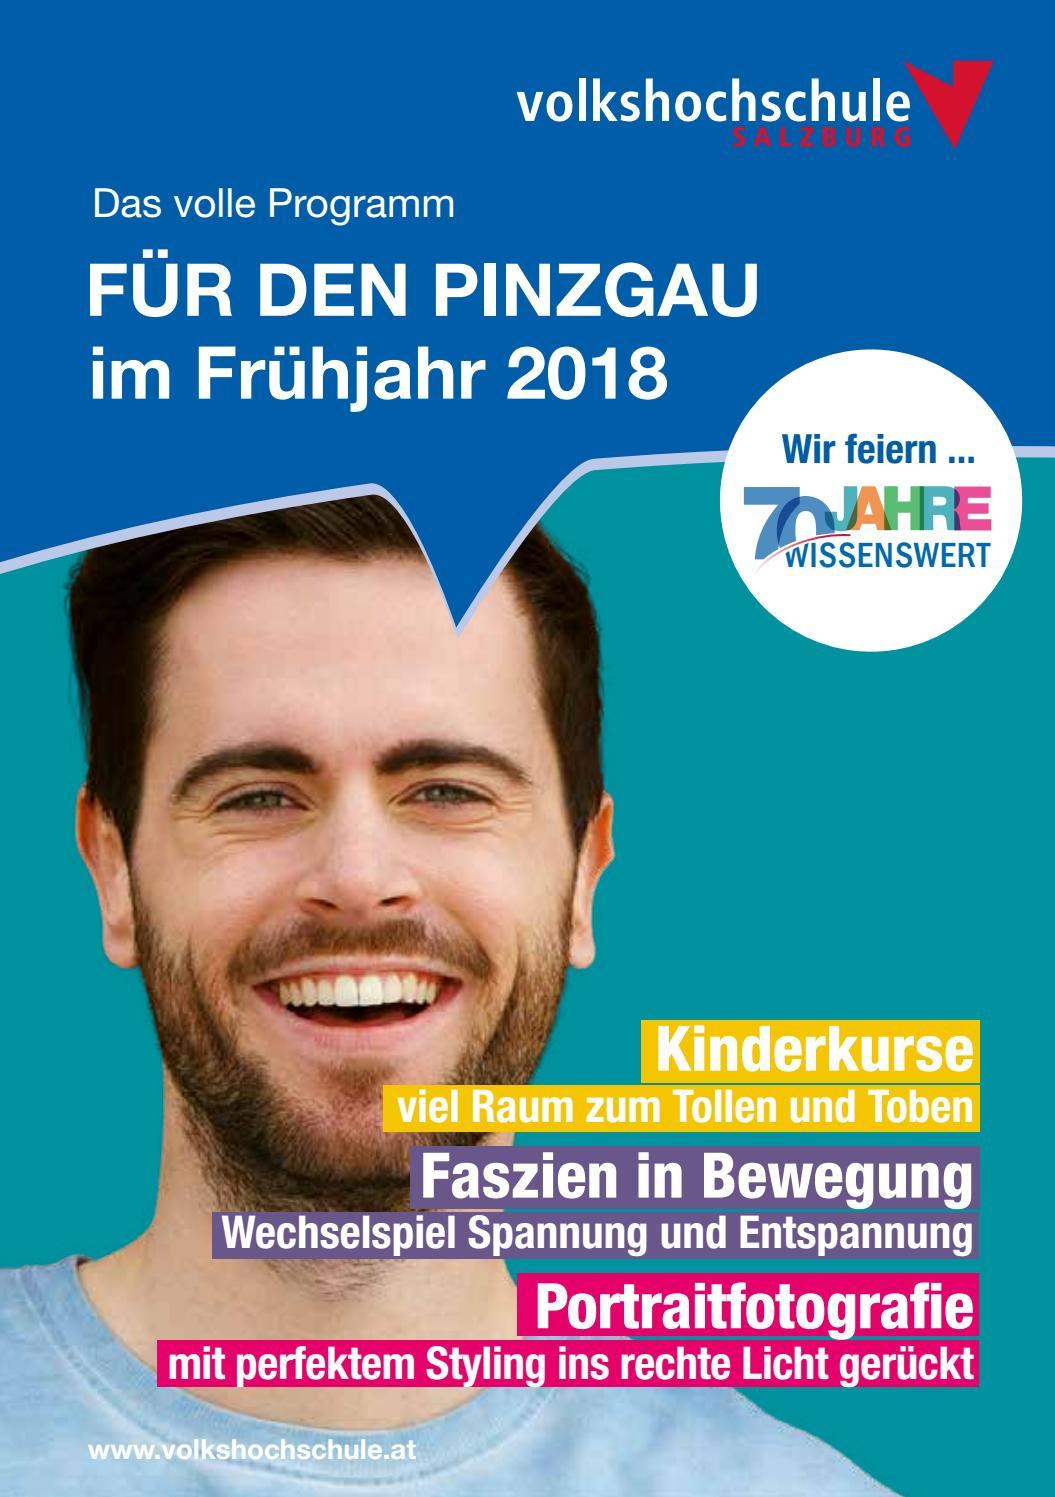 Bheimkirchen Single Frauen Professionelle